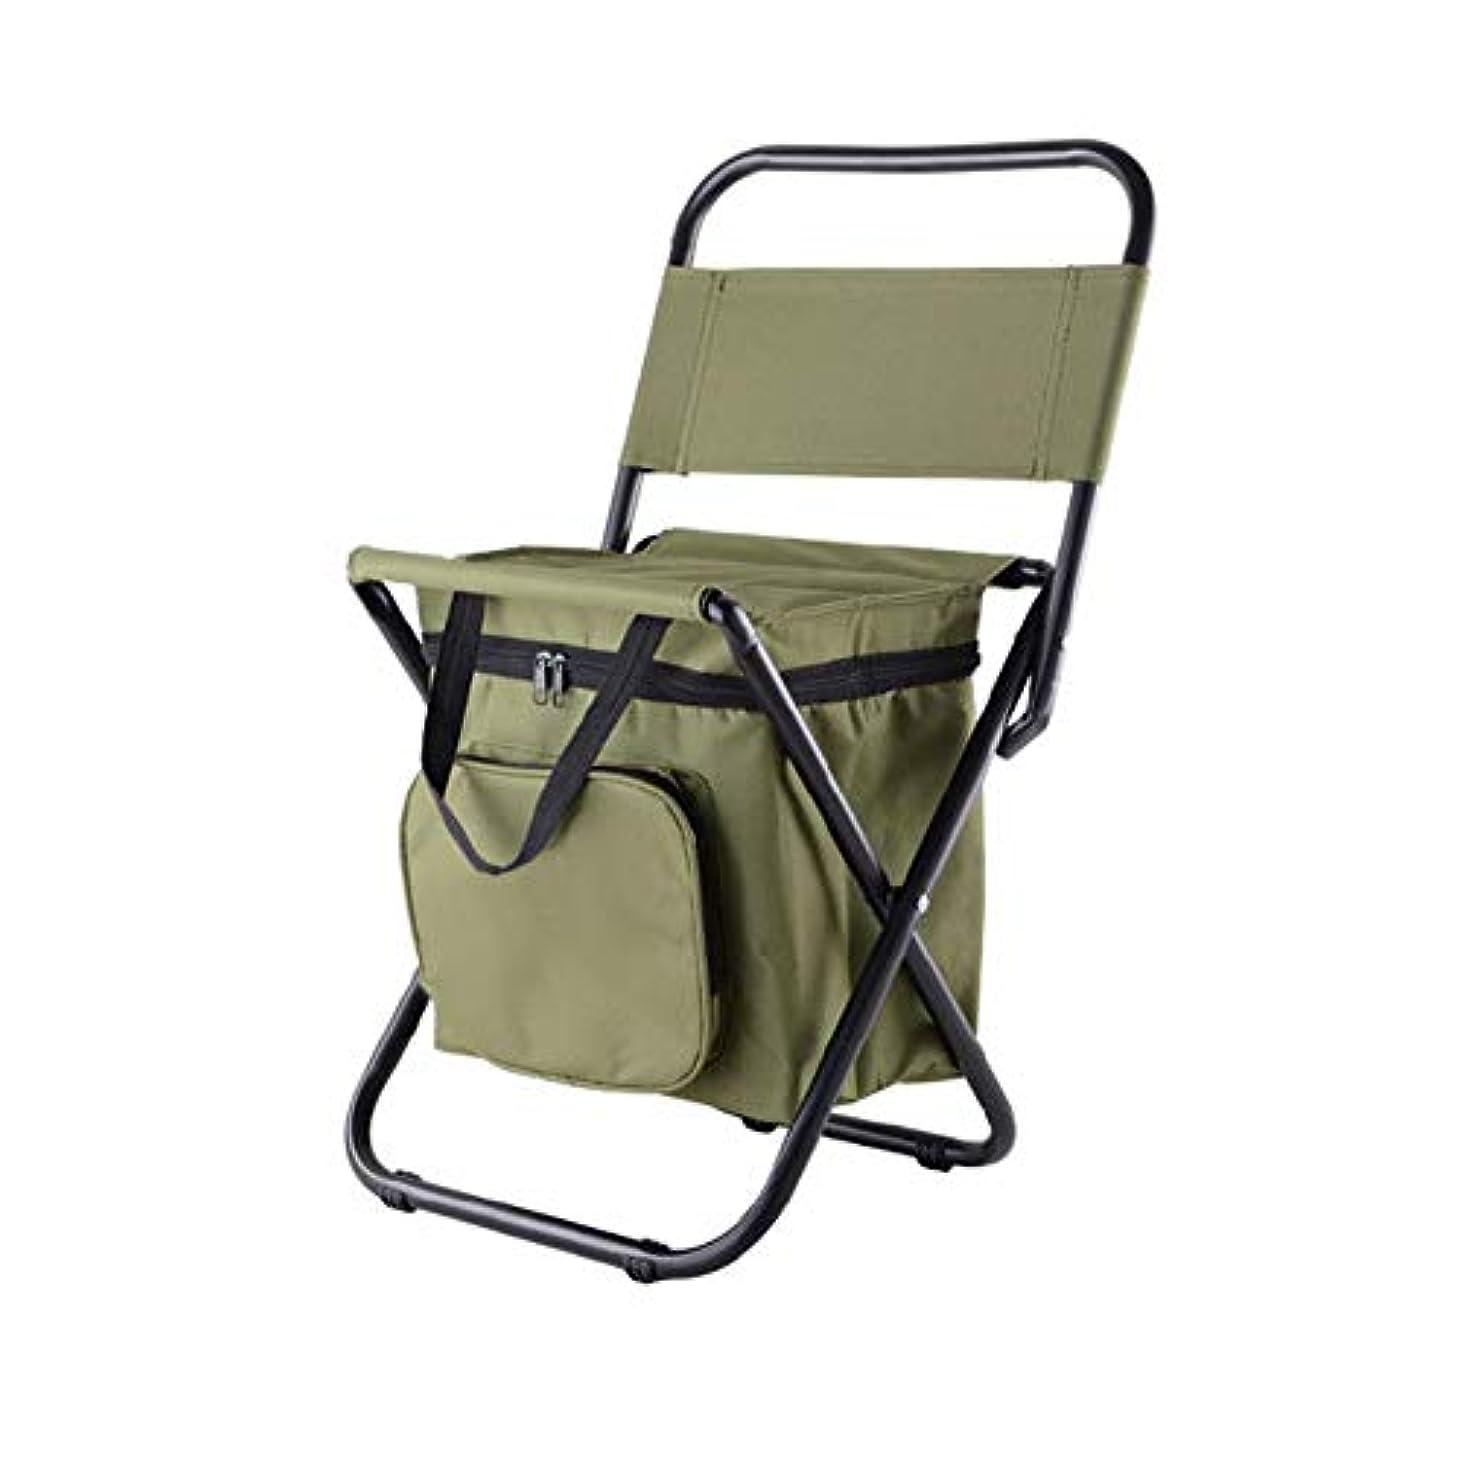 フラッシュのように素早く極貧転用屋外折り畳み椅子 アウトドアチェア アイスバッグ断熱パッケージ付き スツール ポータブル椅子 多機能 持ち運び チェア 簡単に収納 組み立て椅子 キャンプ/釣り/ピクニック/クライミング/登山/BBQ/花火大会/運動会に適用